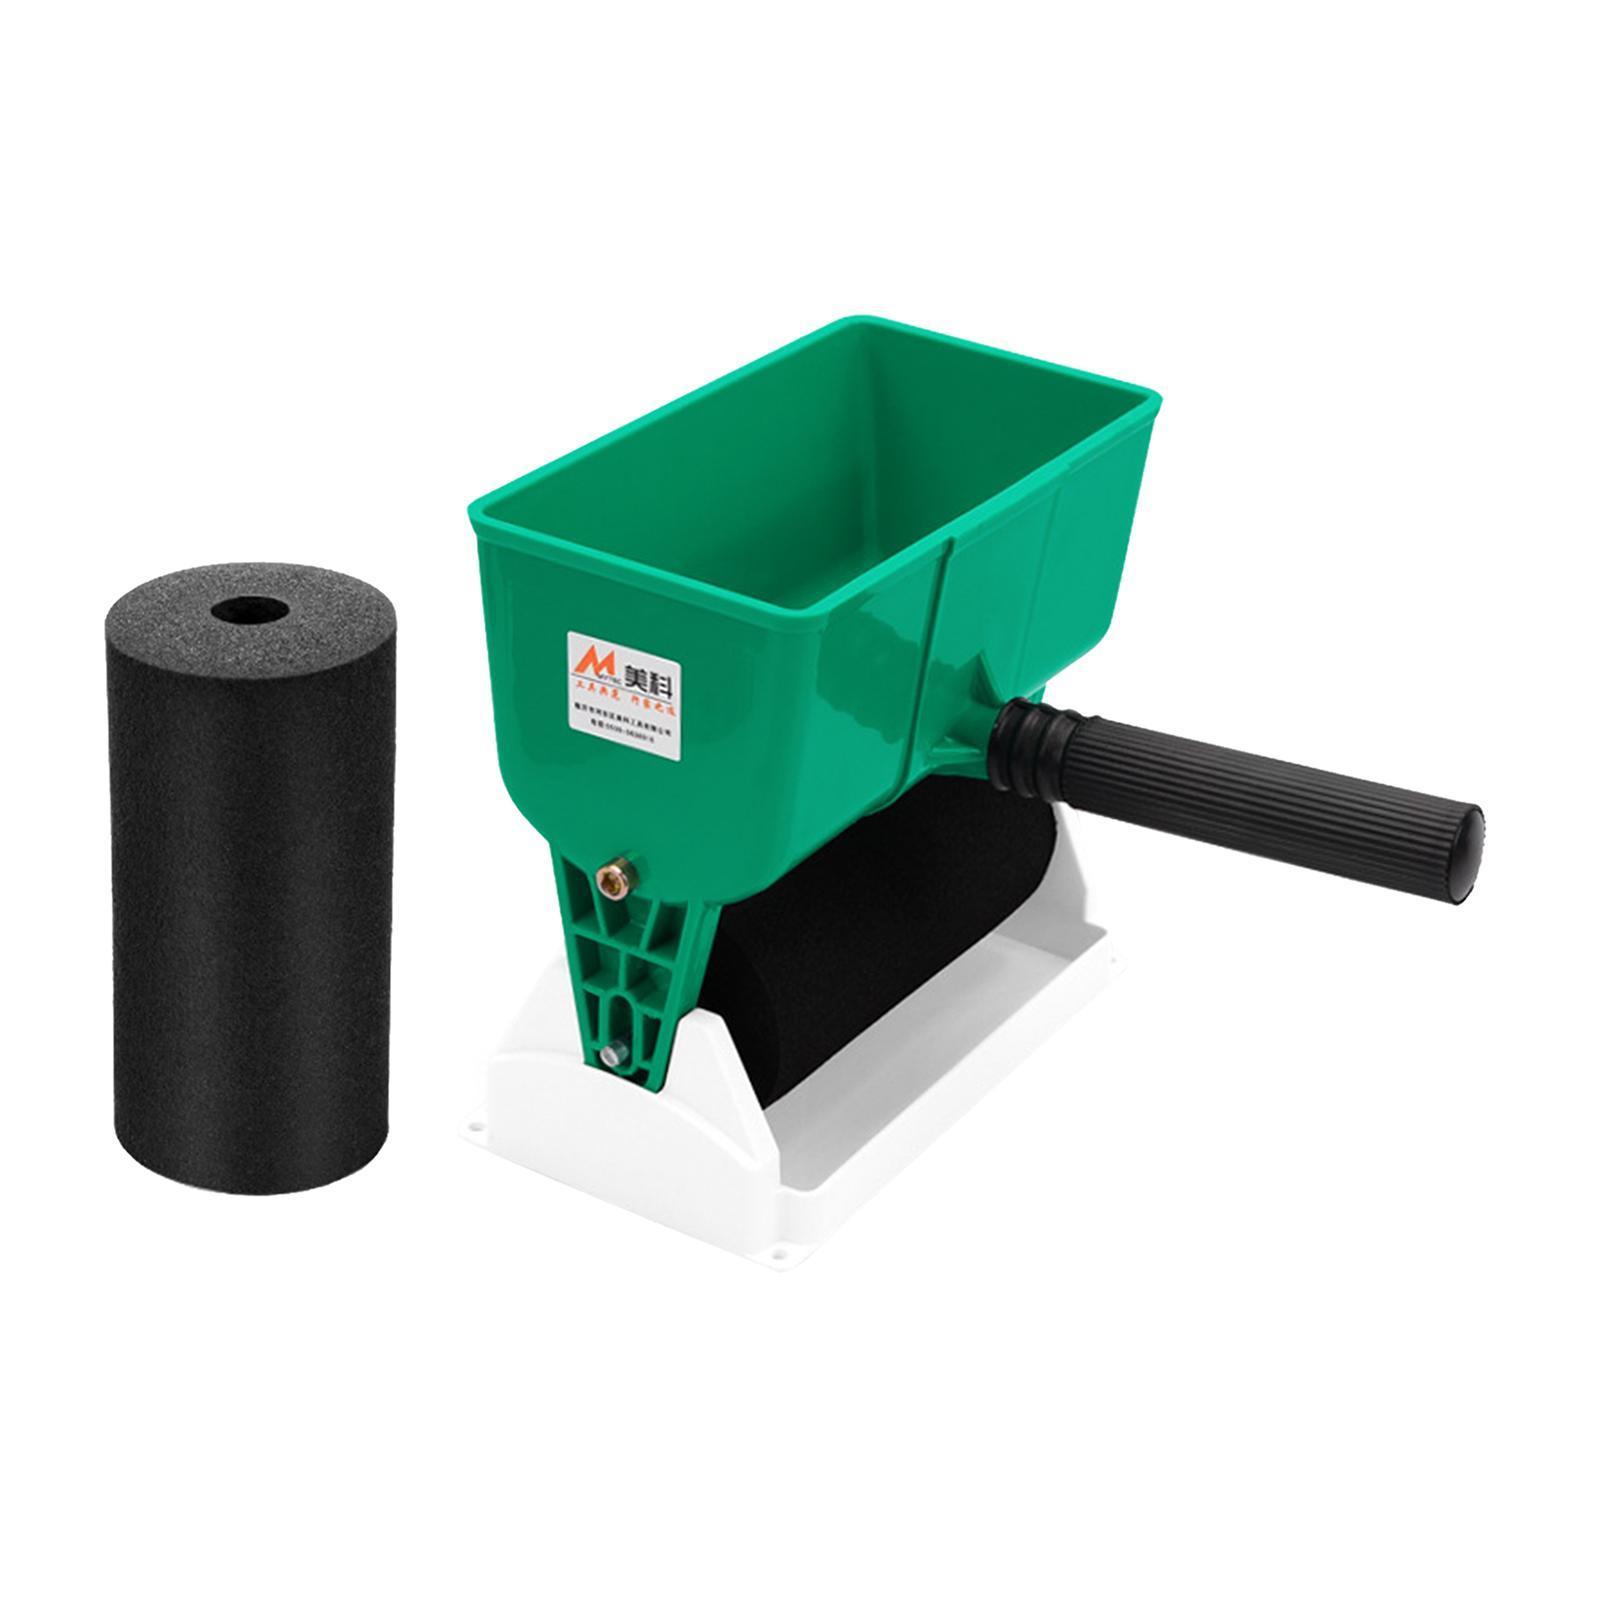 miniatura 26 - 180mL/320mL Portatile Colla Applicatore Rullo Professionale Rivestito Colla